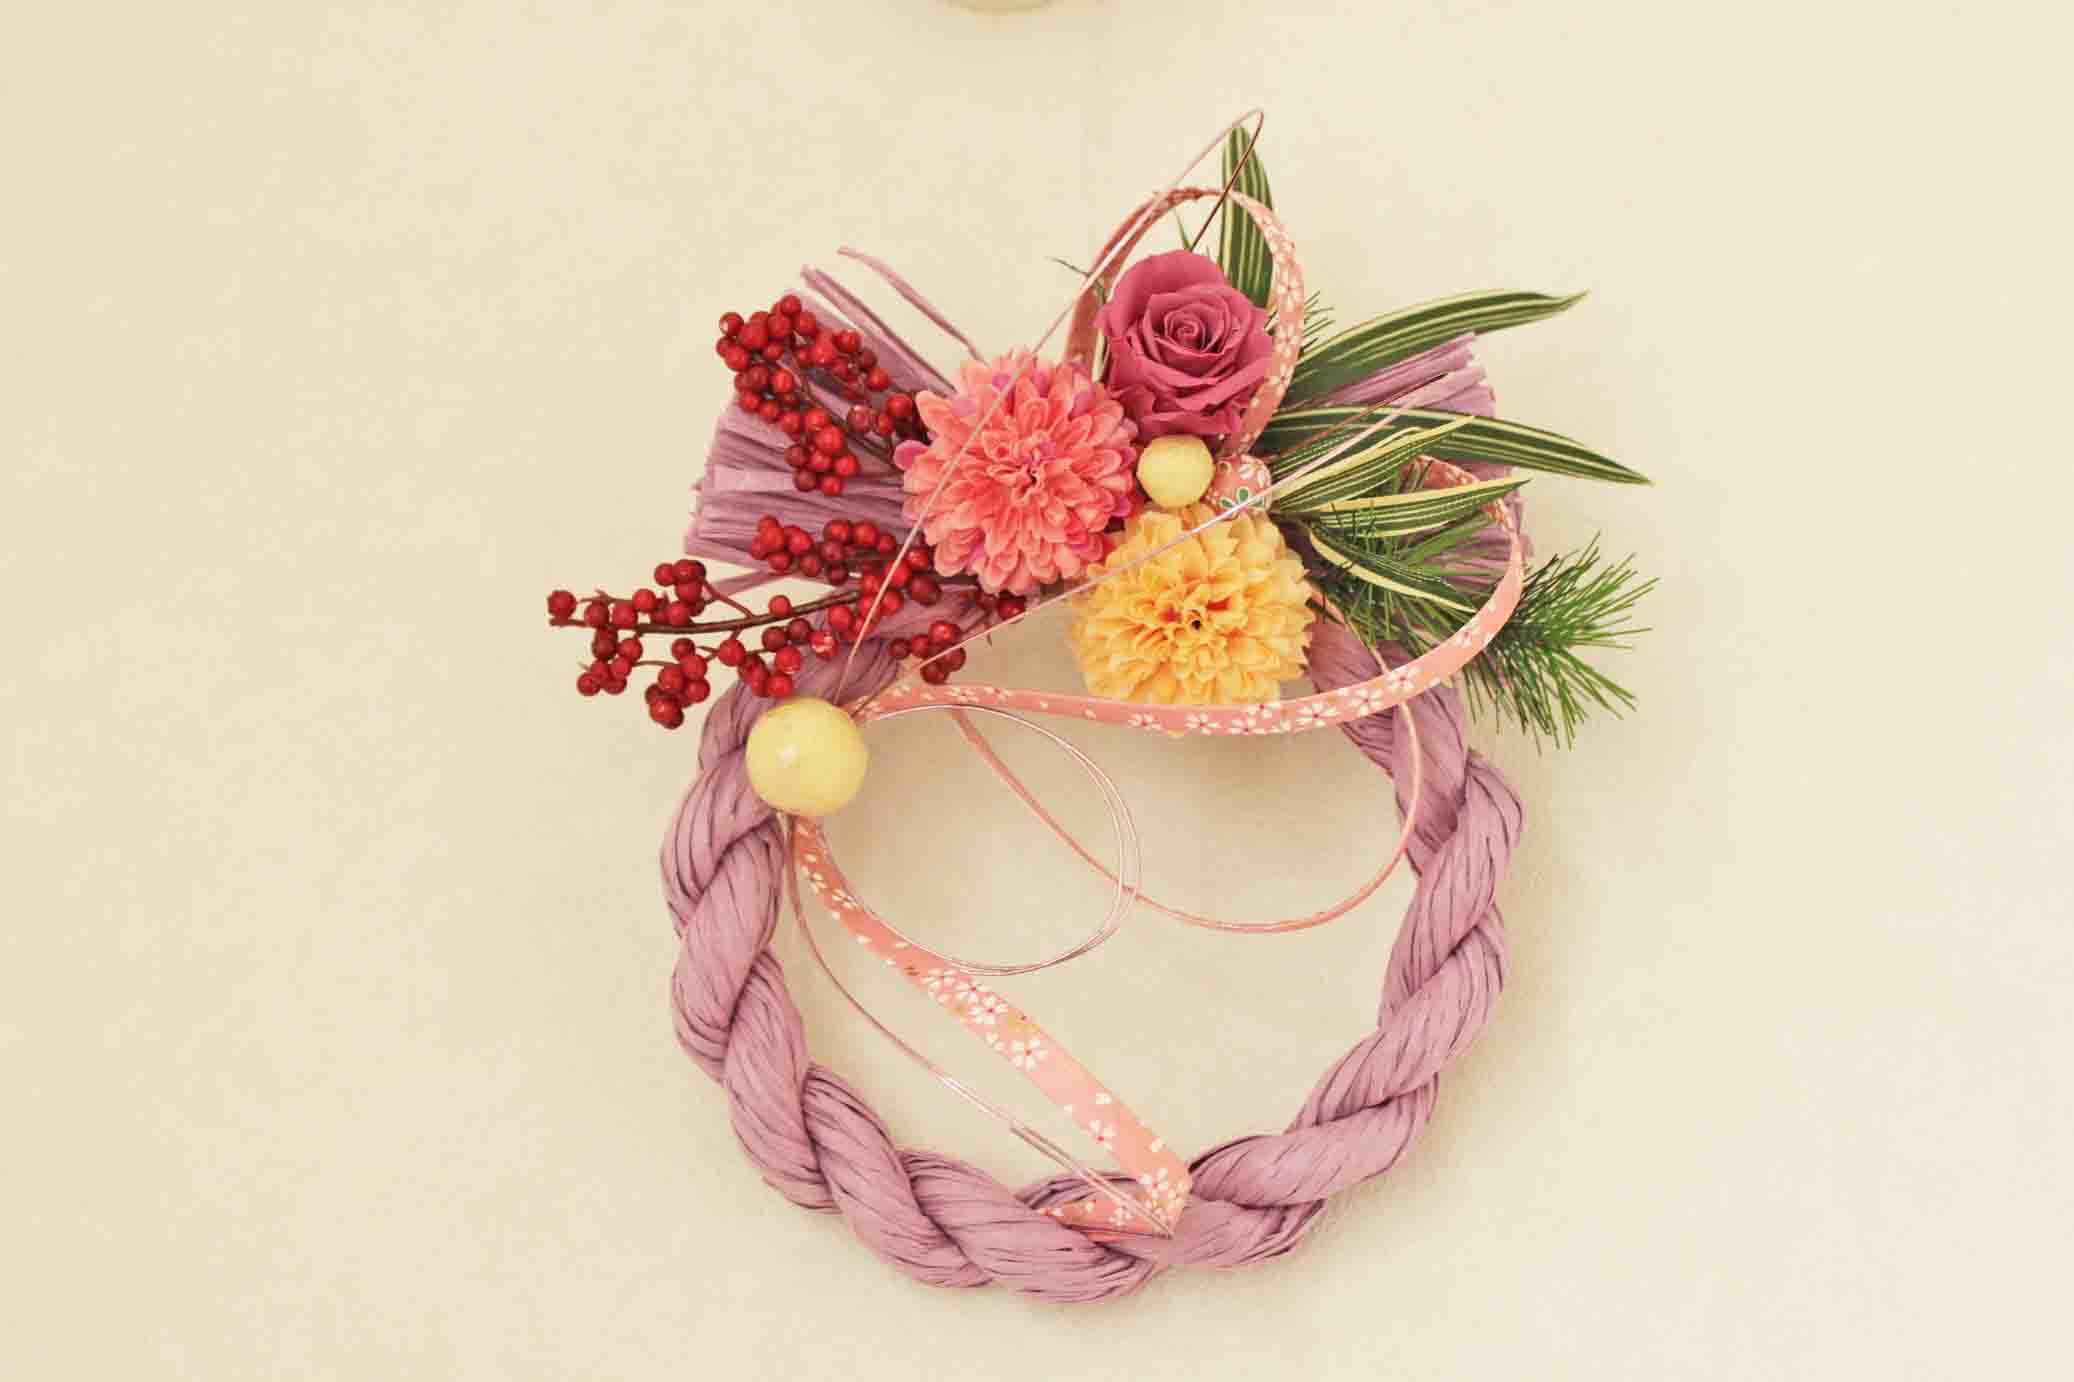 おしゃれでかわいいしめ縄を飾りたい!通販で買えるおすすめはコレ